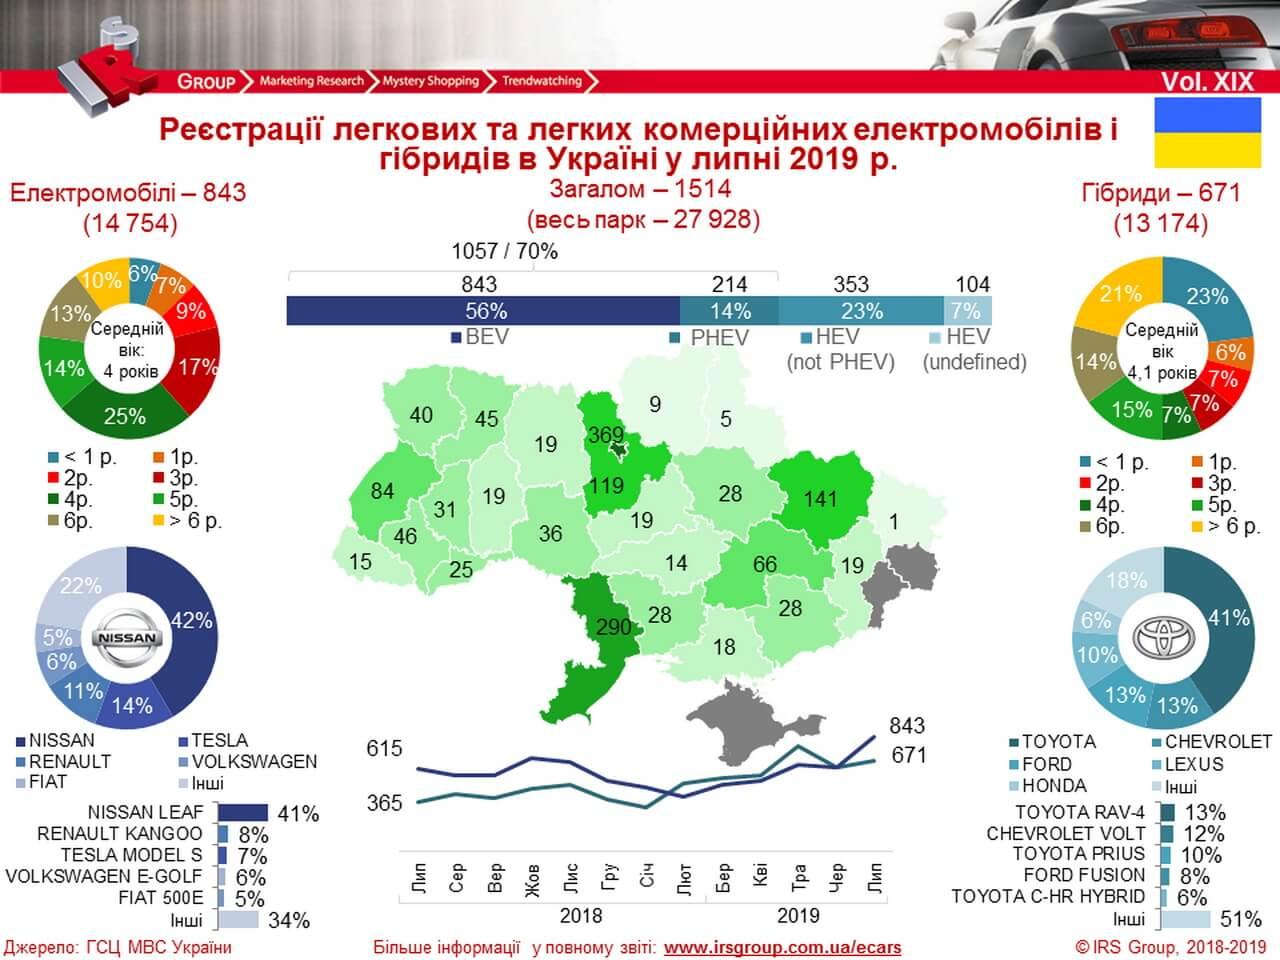 Количество зарегистрированных электрических и гибридных автомобилей в Украине на 08.07.2019 года